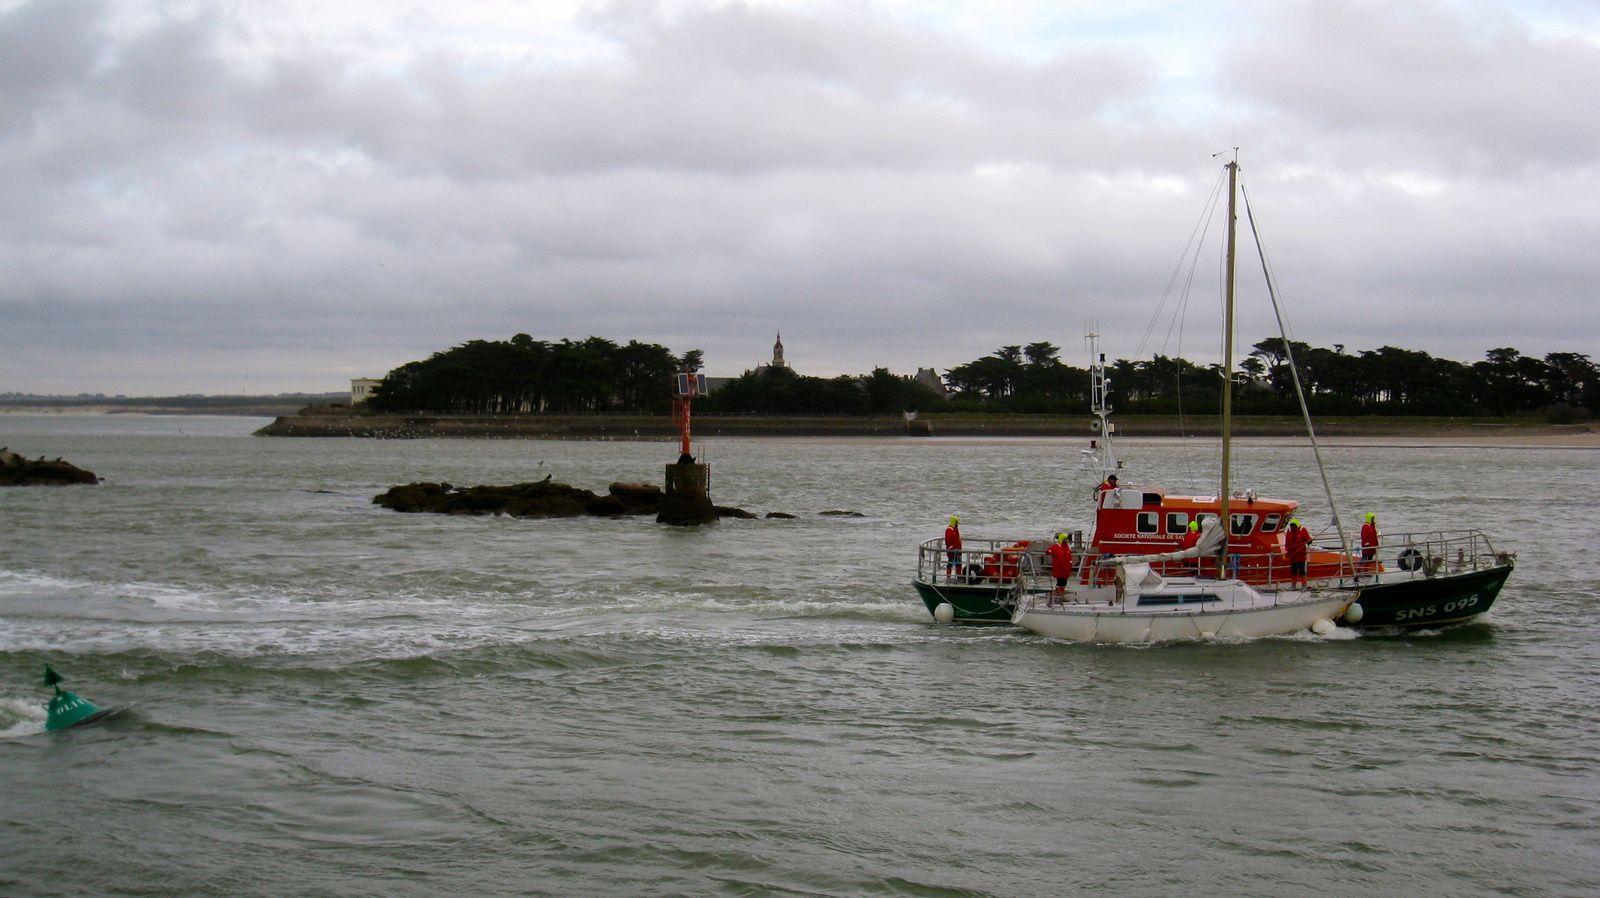 Le cannot de la S.N.S.M. ramène le voilier perdu à bon port. On l'a retrouvé au large des côtes de la Turballe. Cette nuit, son corps mort a cédé sous la pression du courant sortant.